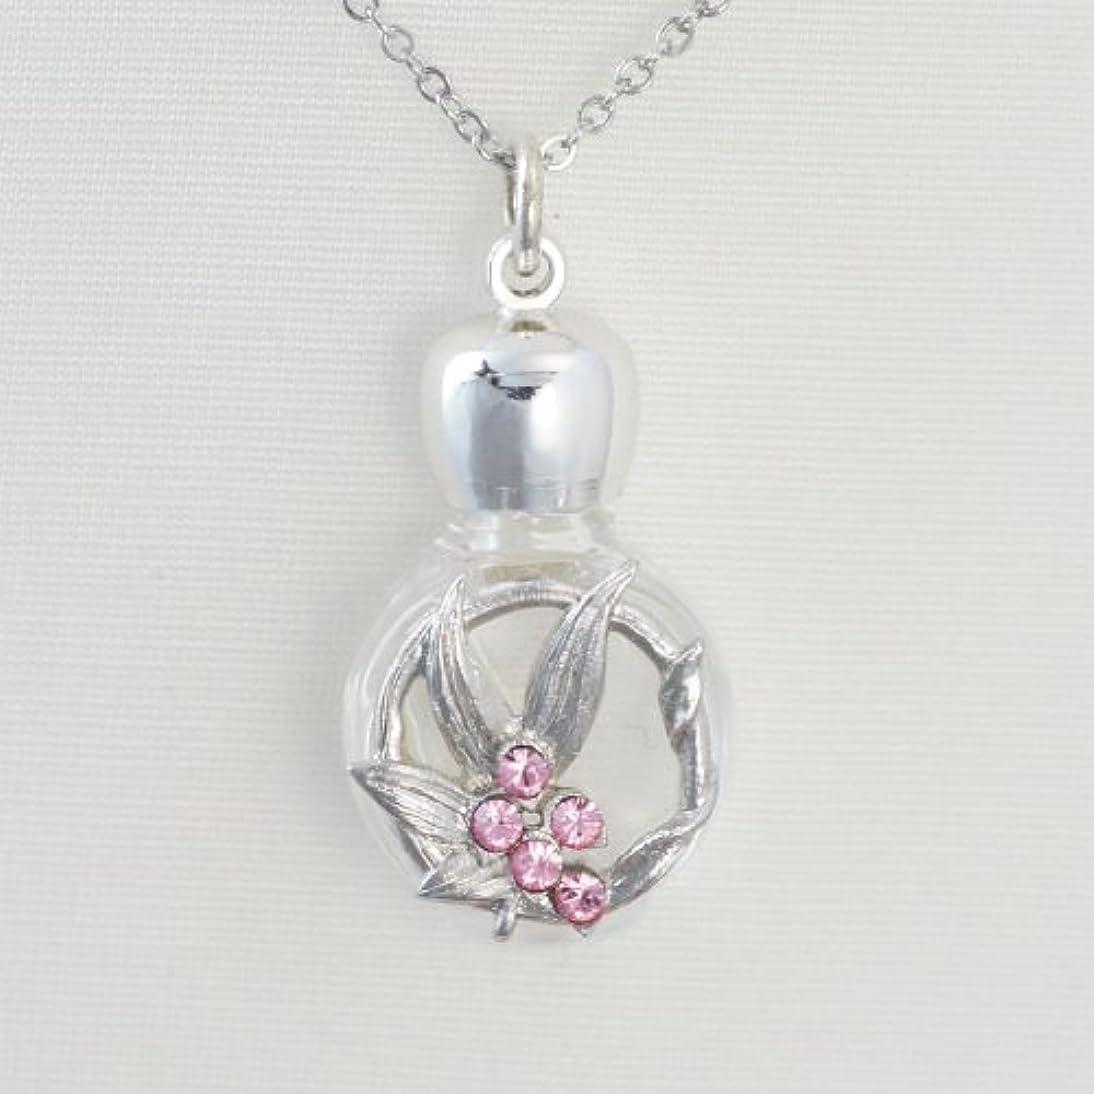 驚くべき強風バインド【天使の小瓶】 月桃ピンク